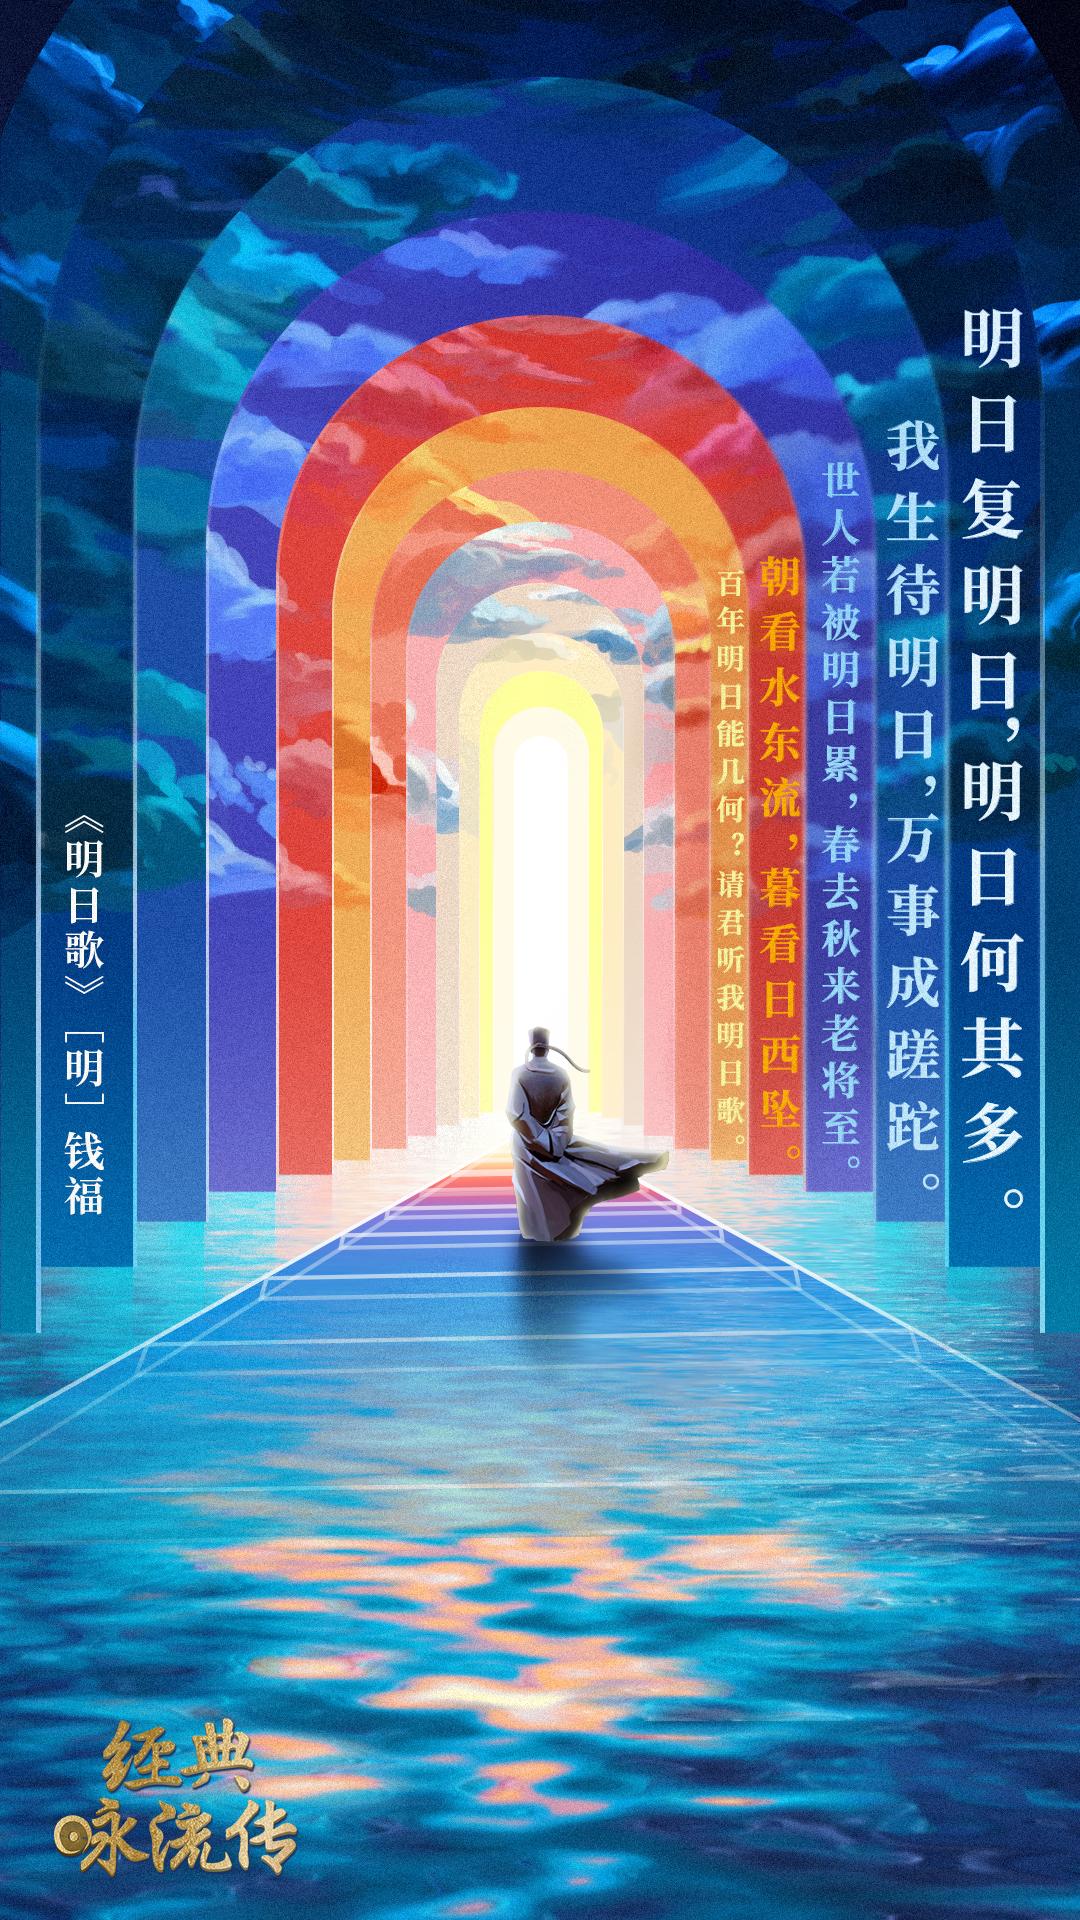 《经典咏流传》诗词意境海报合集 欣赏-第18张